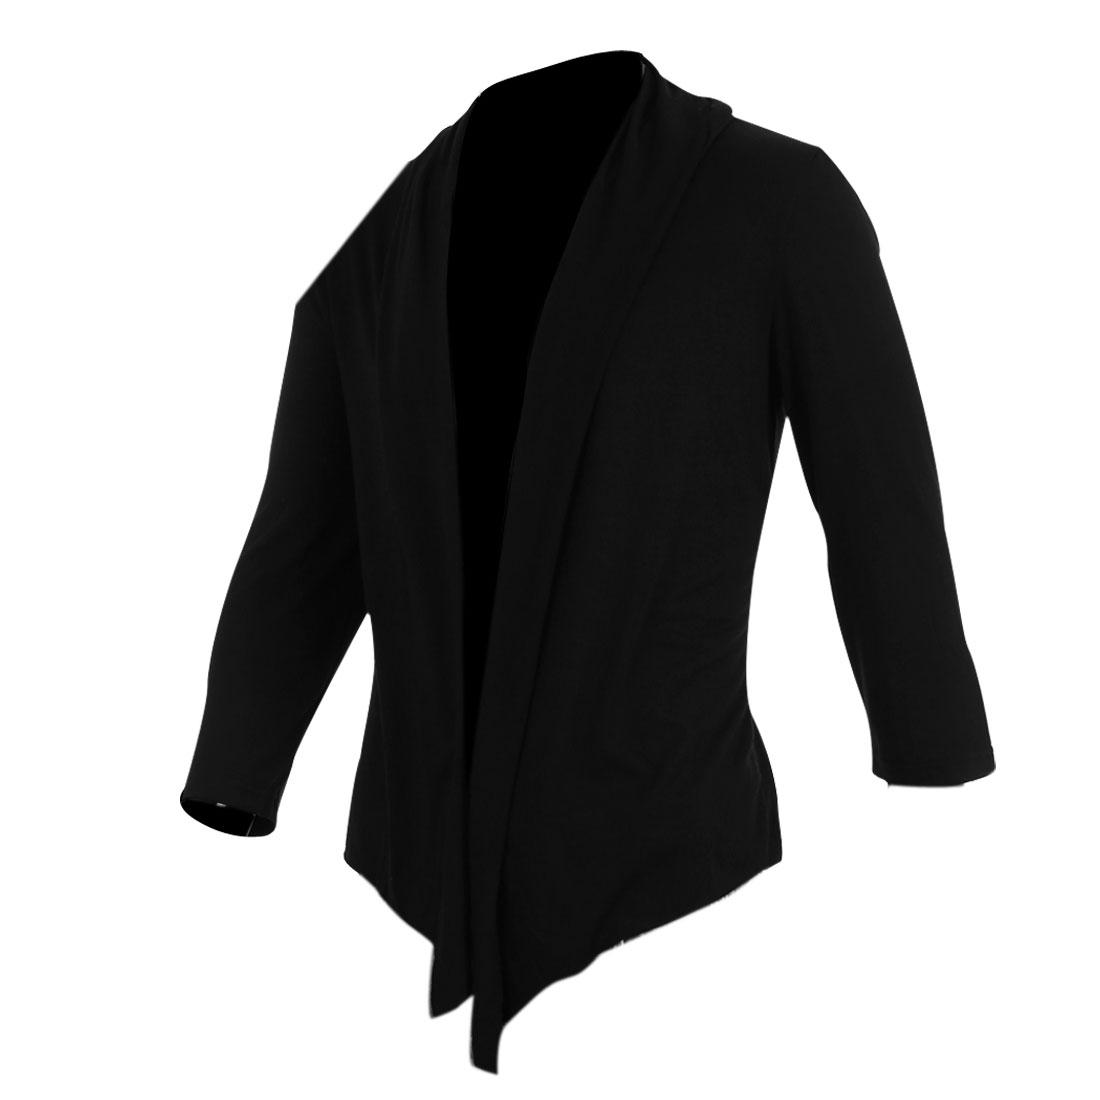 Men Solid Color Short Sleeves V Neck Loose Tops Cardigan Black M